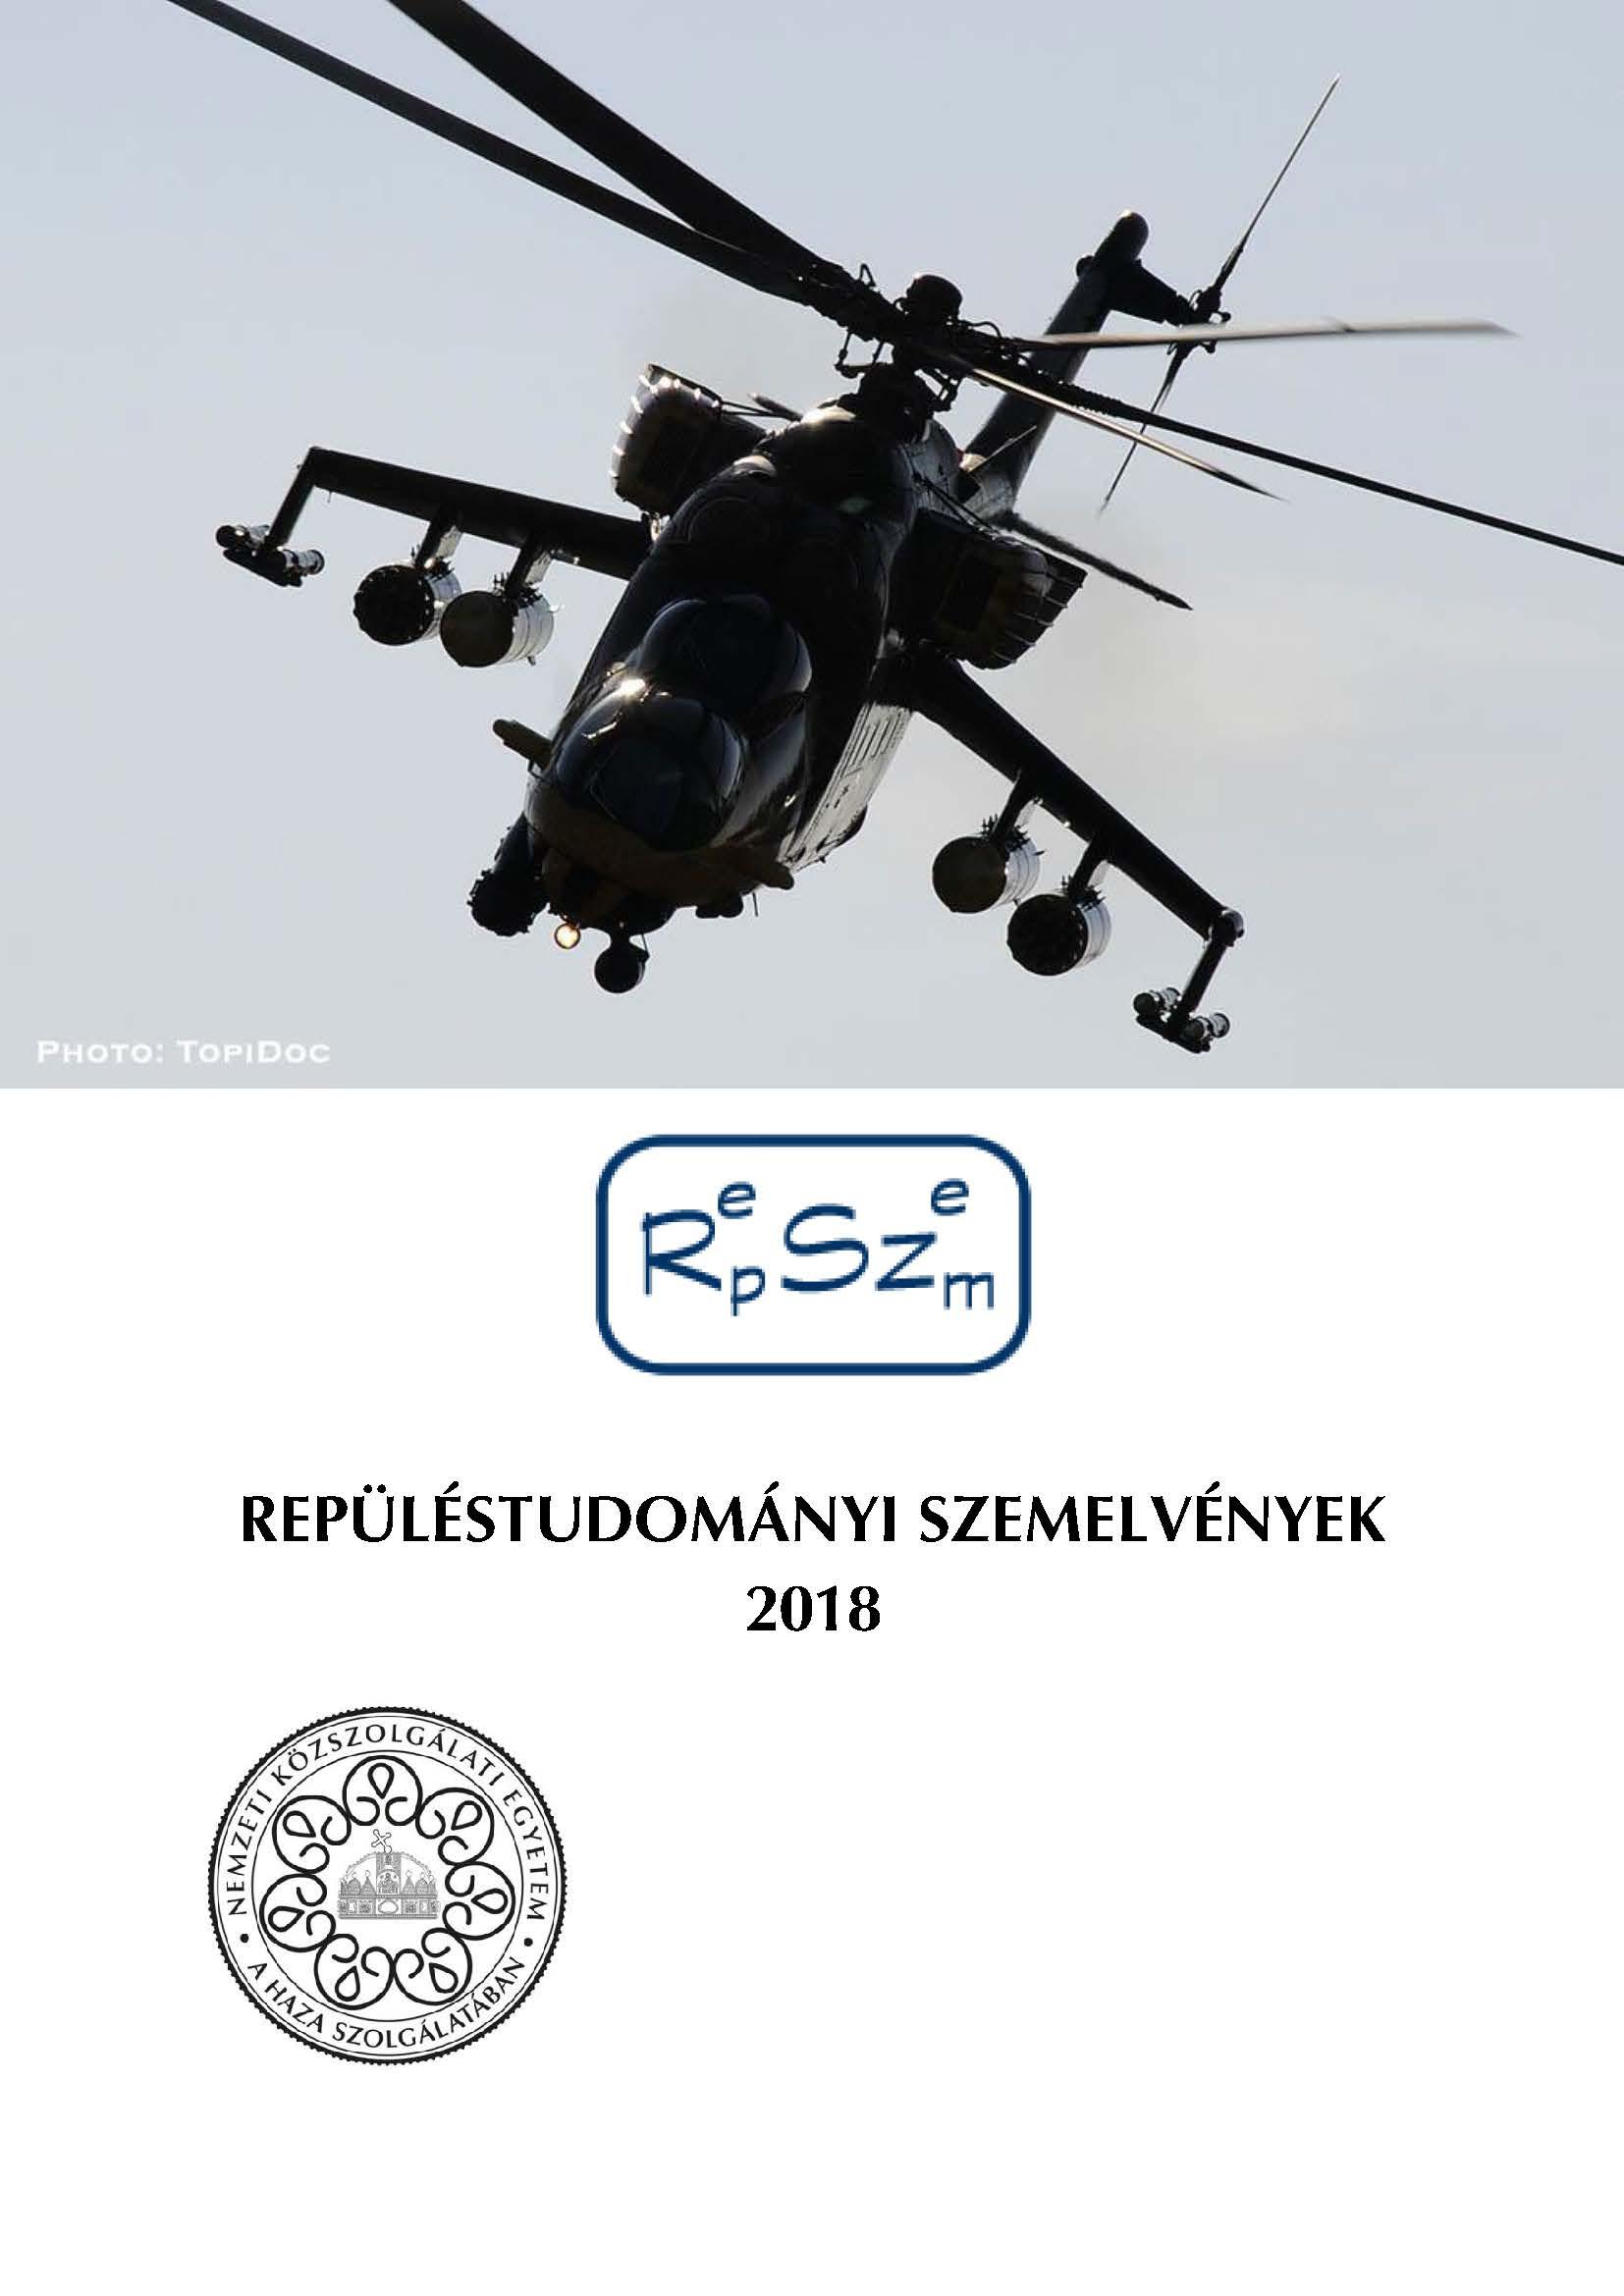 repül látás, amit hívnak)